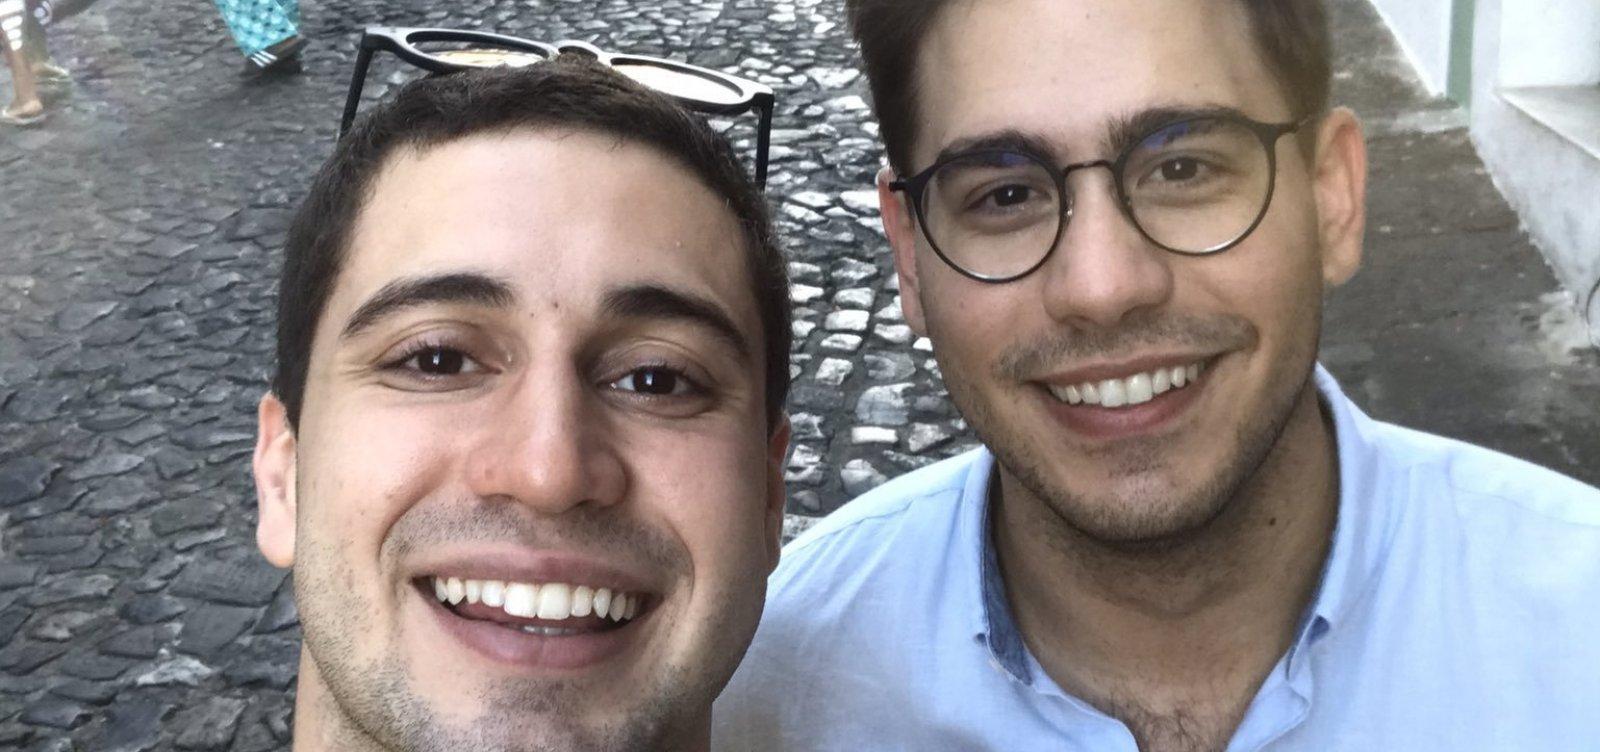 ['Não toleramos nenhuma forma de discriminação', diz hotel após acusação de repórteres da TV Globo]